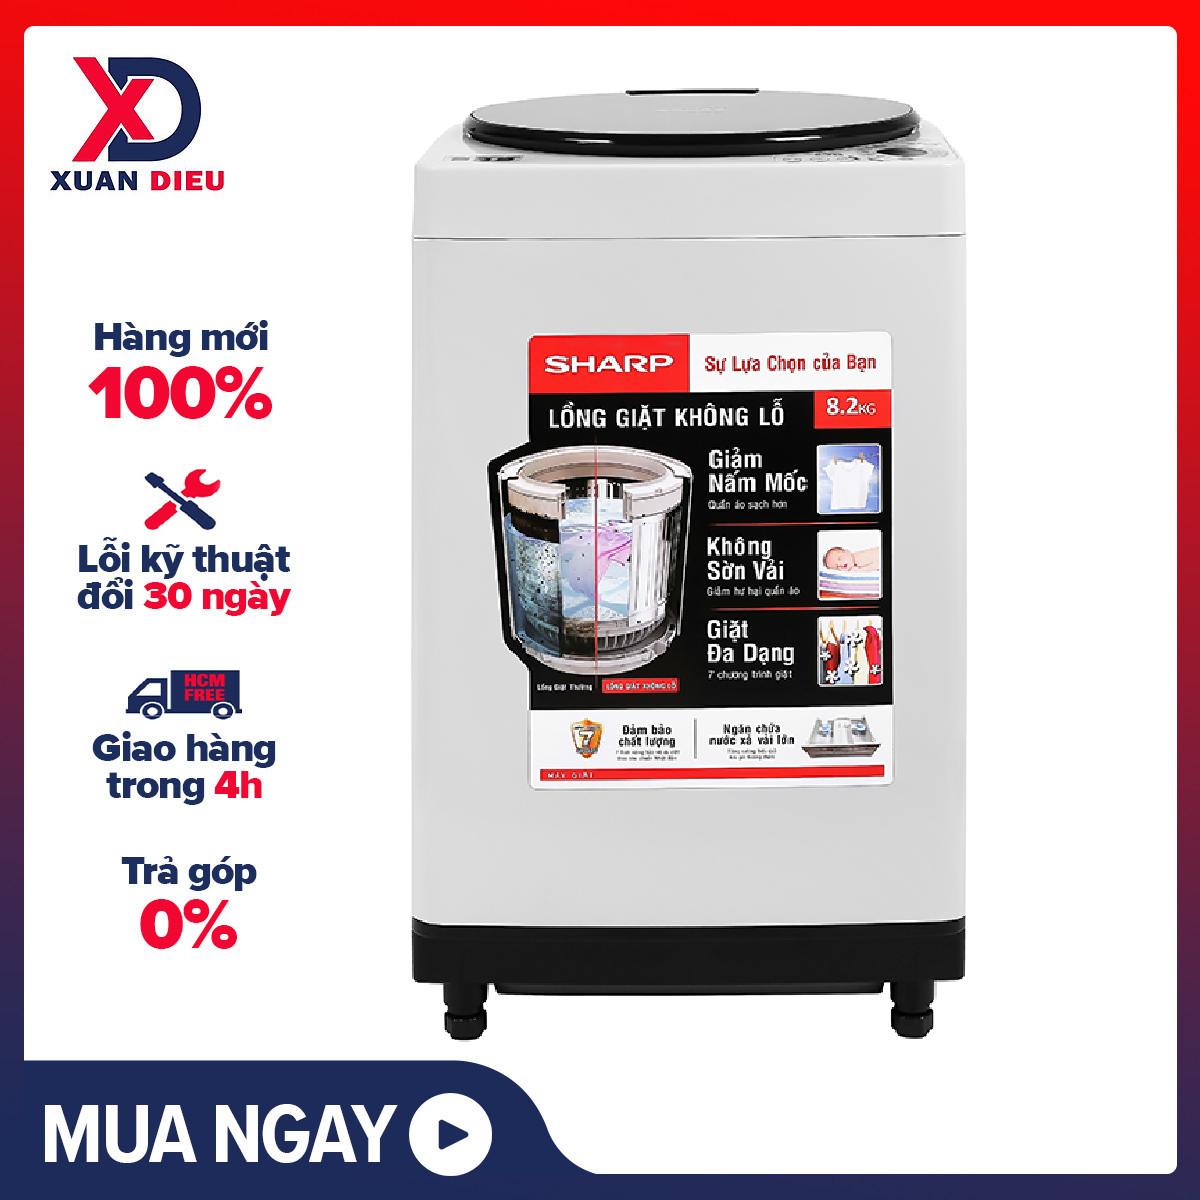 Máy giặt Sharp 8.2 kg ES-W82GV-H - Loại máy giặt:Cửa trên - Lồng giặt:Lồng đứng - Tốc độ vắt:730 vòng/phút